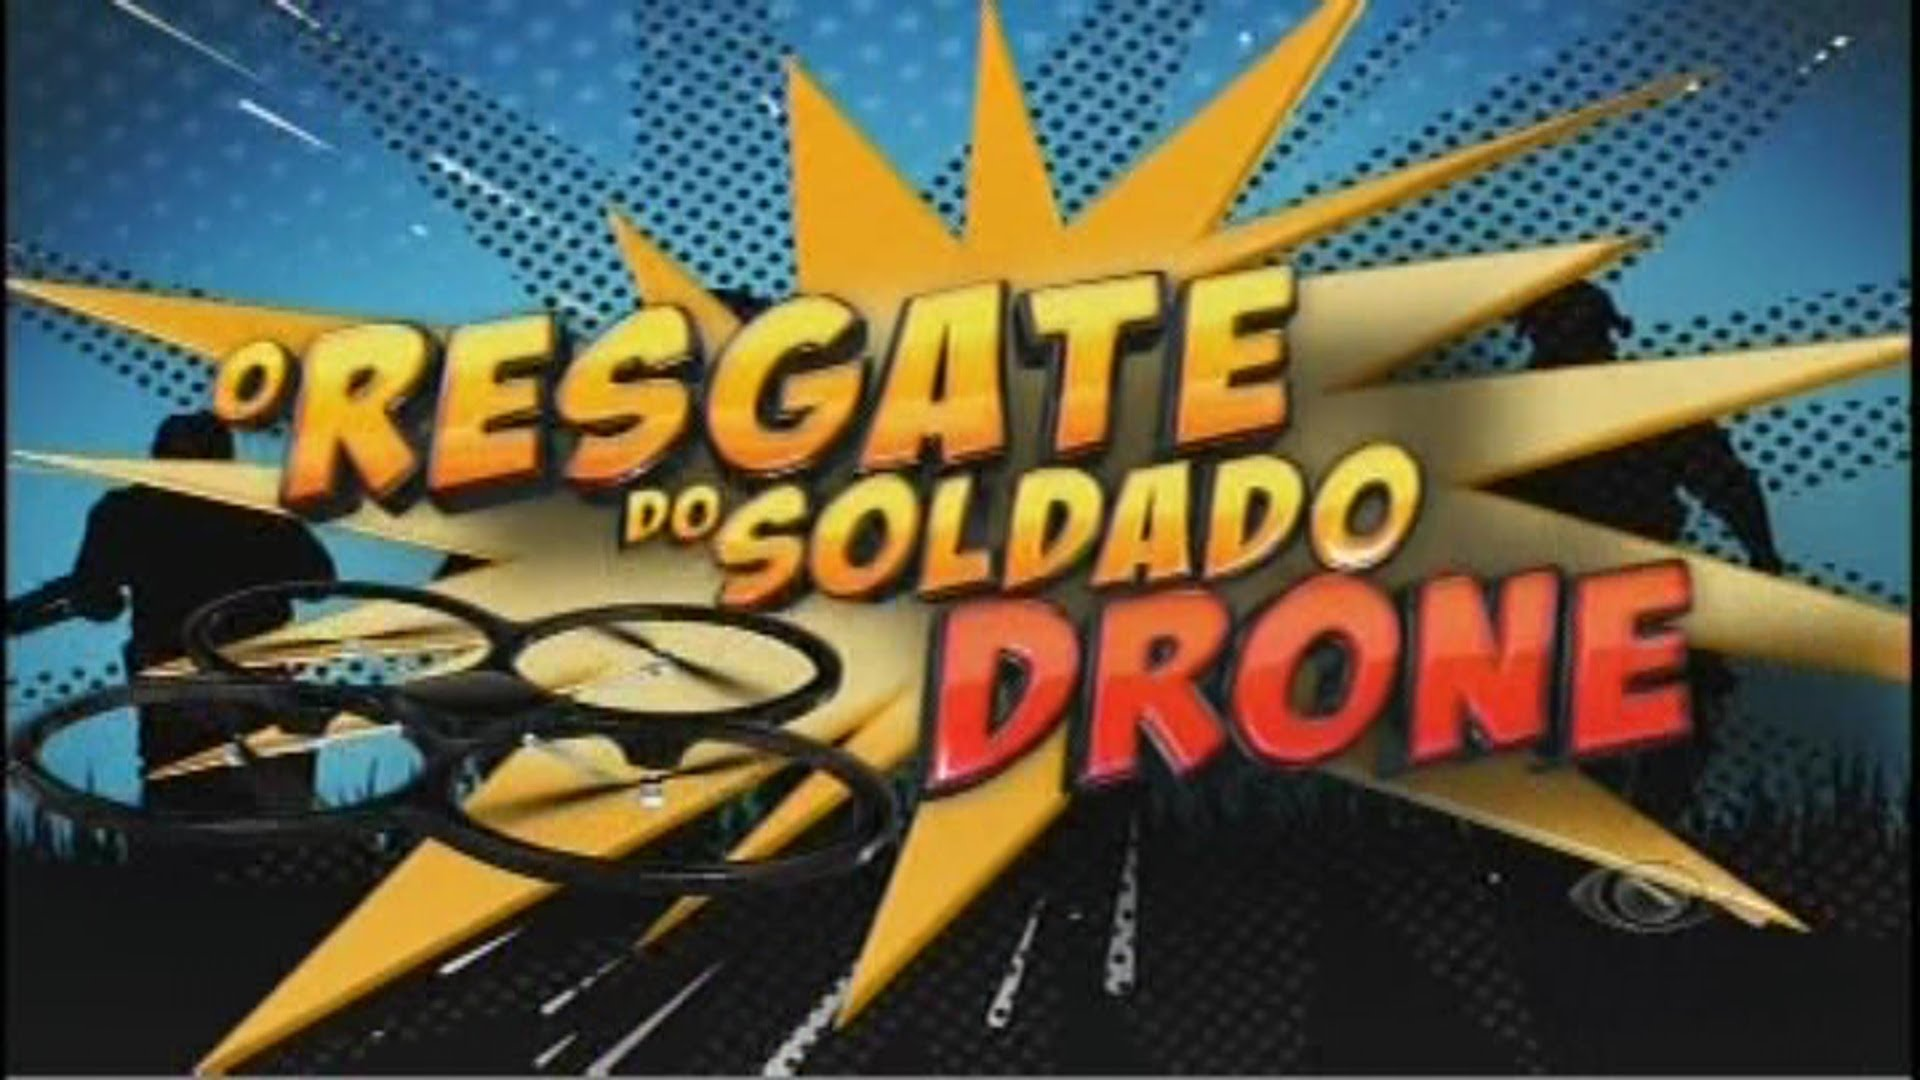 Quadro do programa Pânico na TV onde eles tentam reaver o drone caido na Rede Record - Imagem retirada do site Bastidores da TV